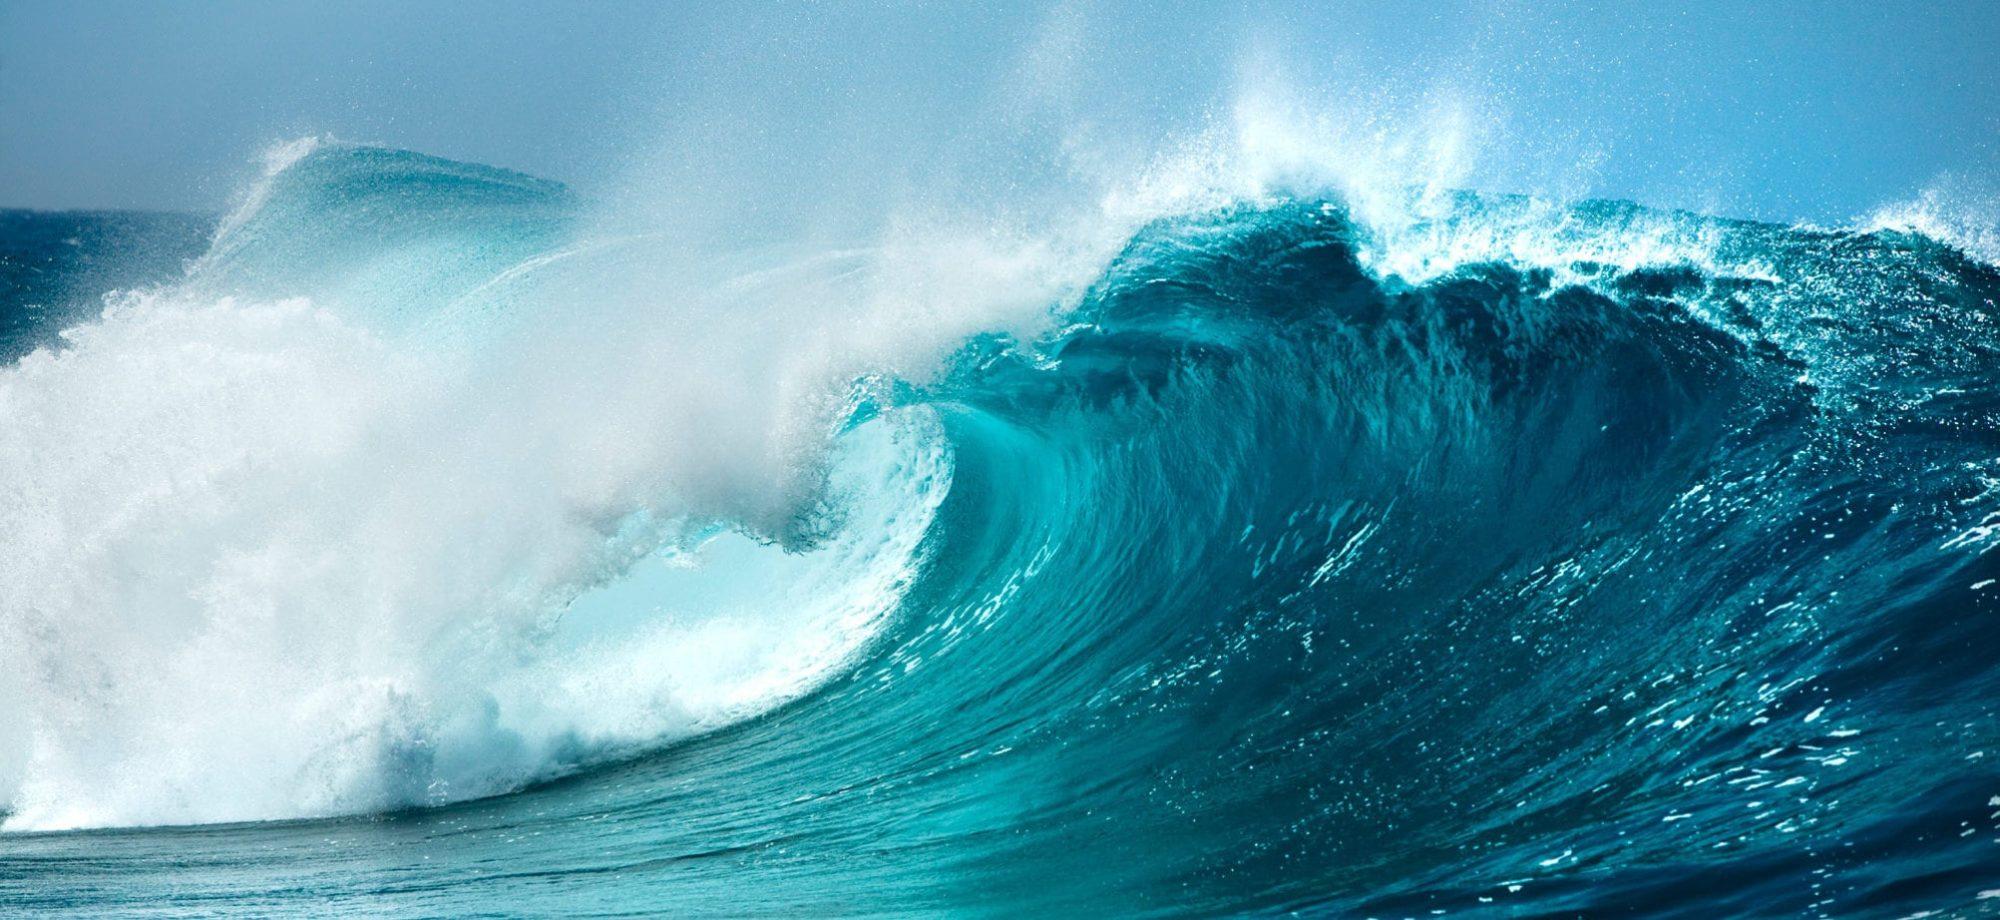 У 2019 році зафіксований температурний рекорд Світового океану - океан, зміни клімату - 16 okean 2000x920